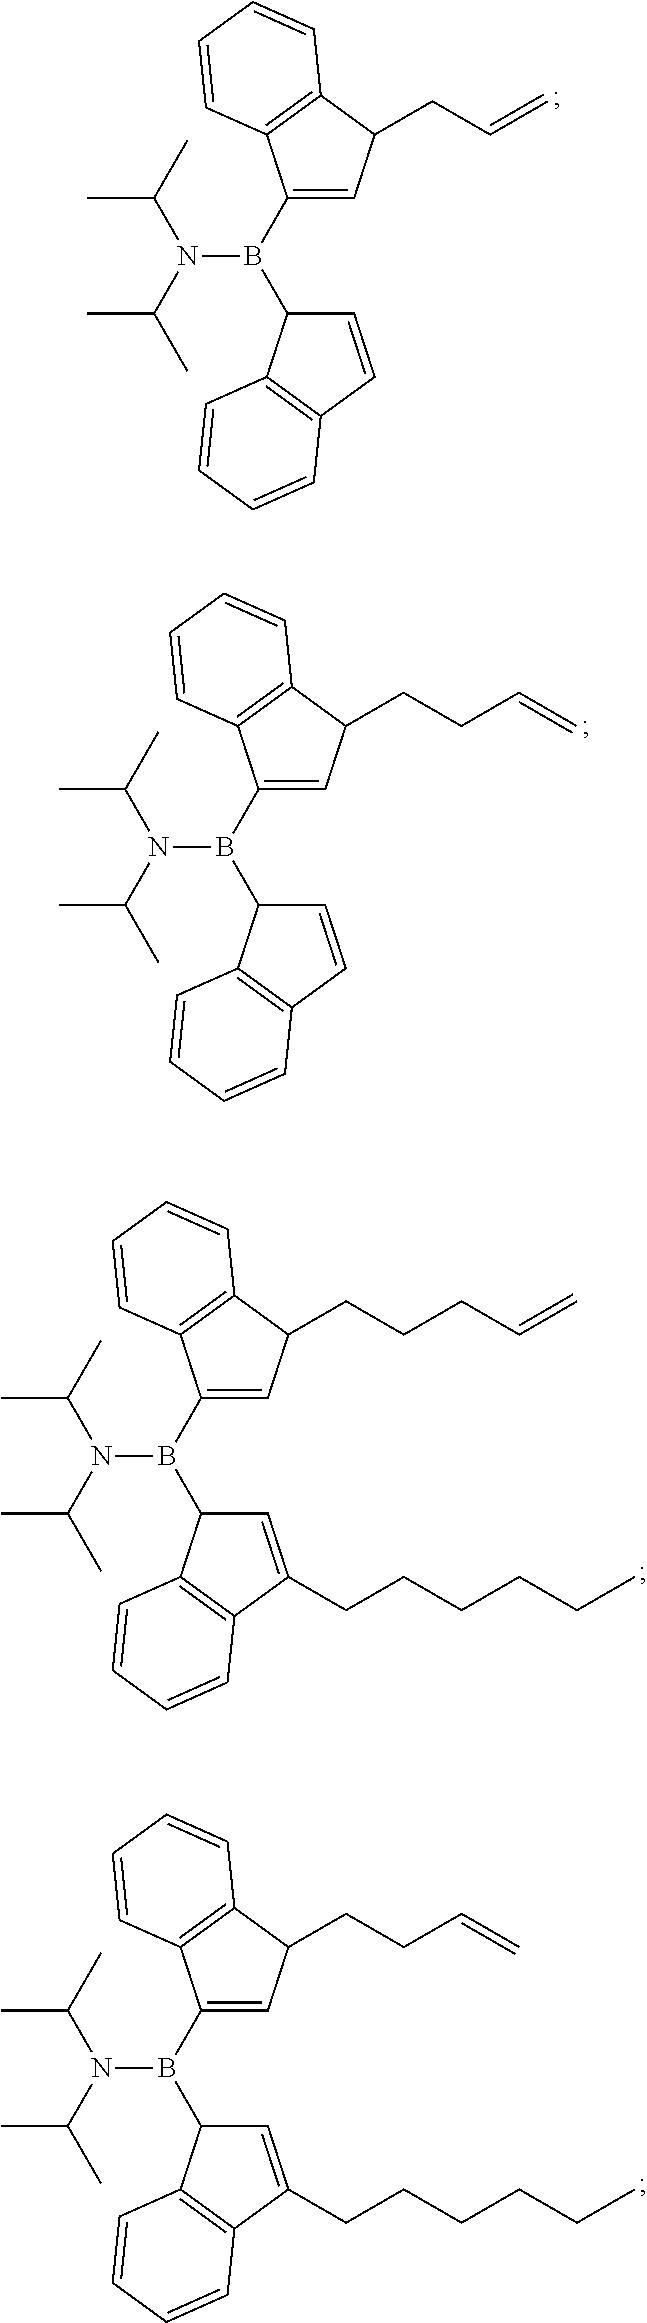 Figure US09303110-20160405-C00006